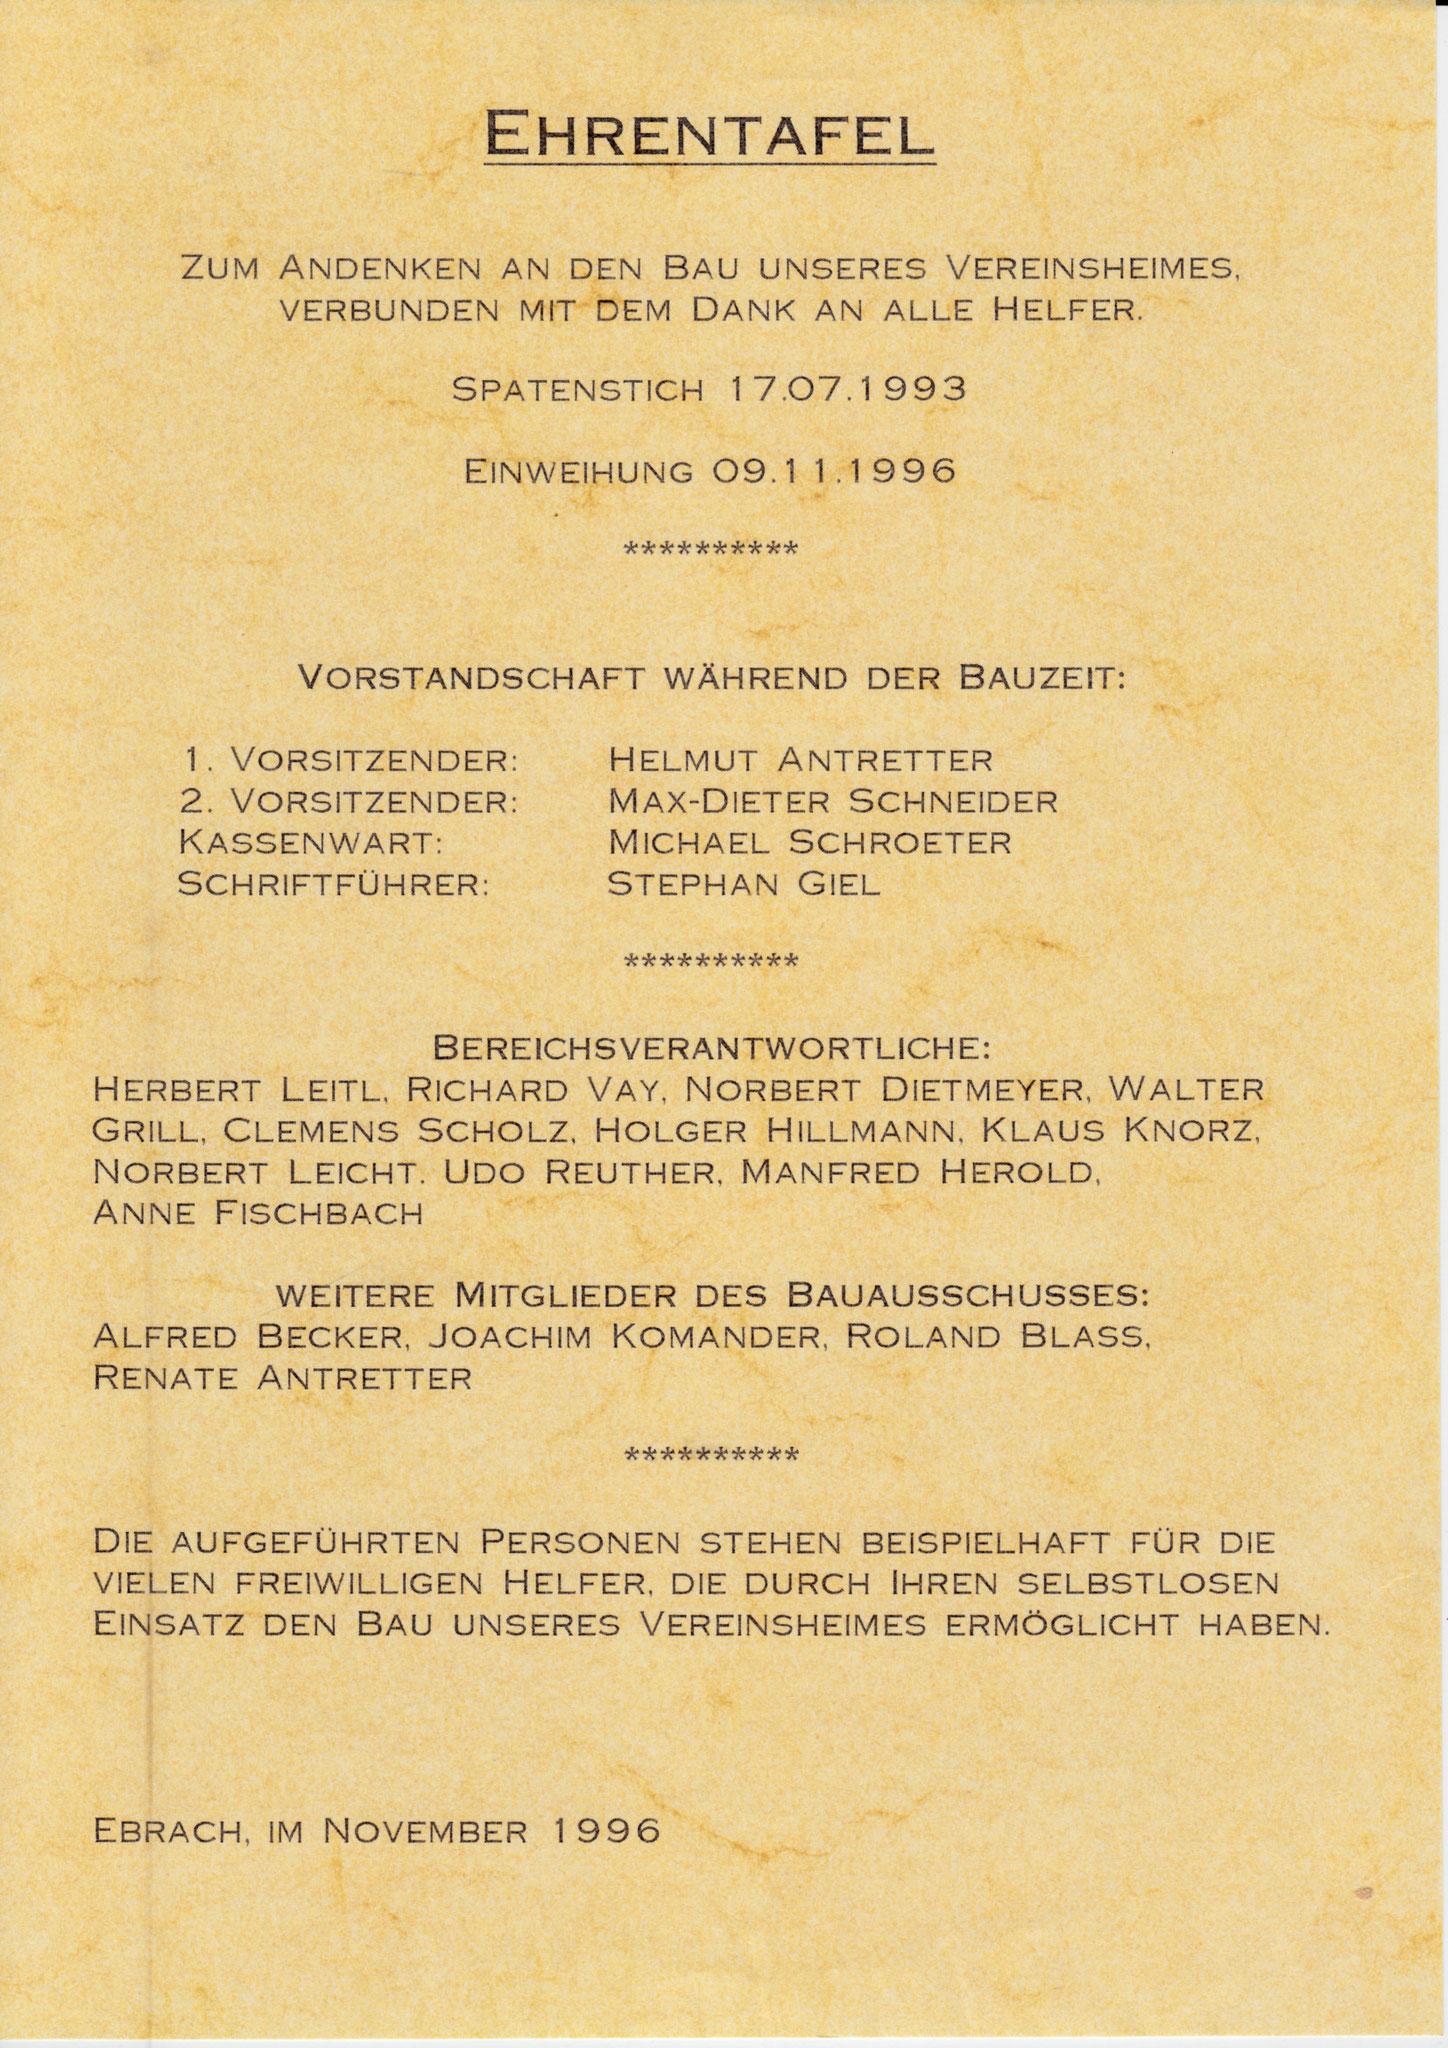 Wer war am Bau des Vereinsheims von 1993-96 beteiligt?